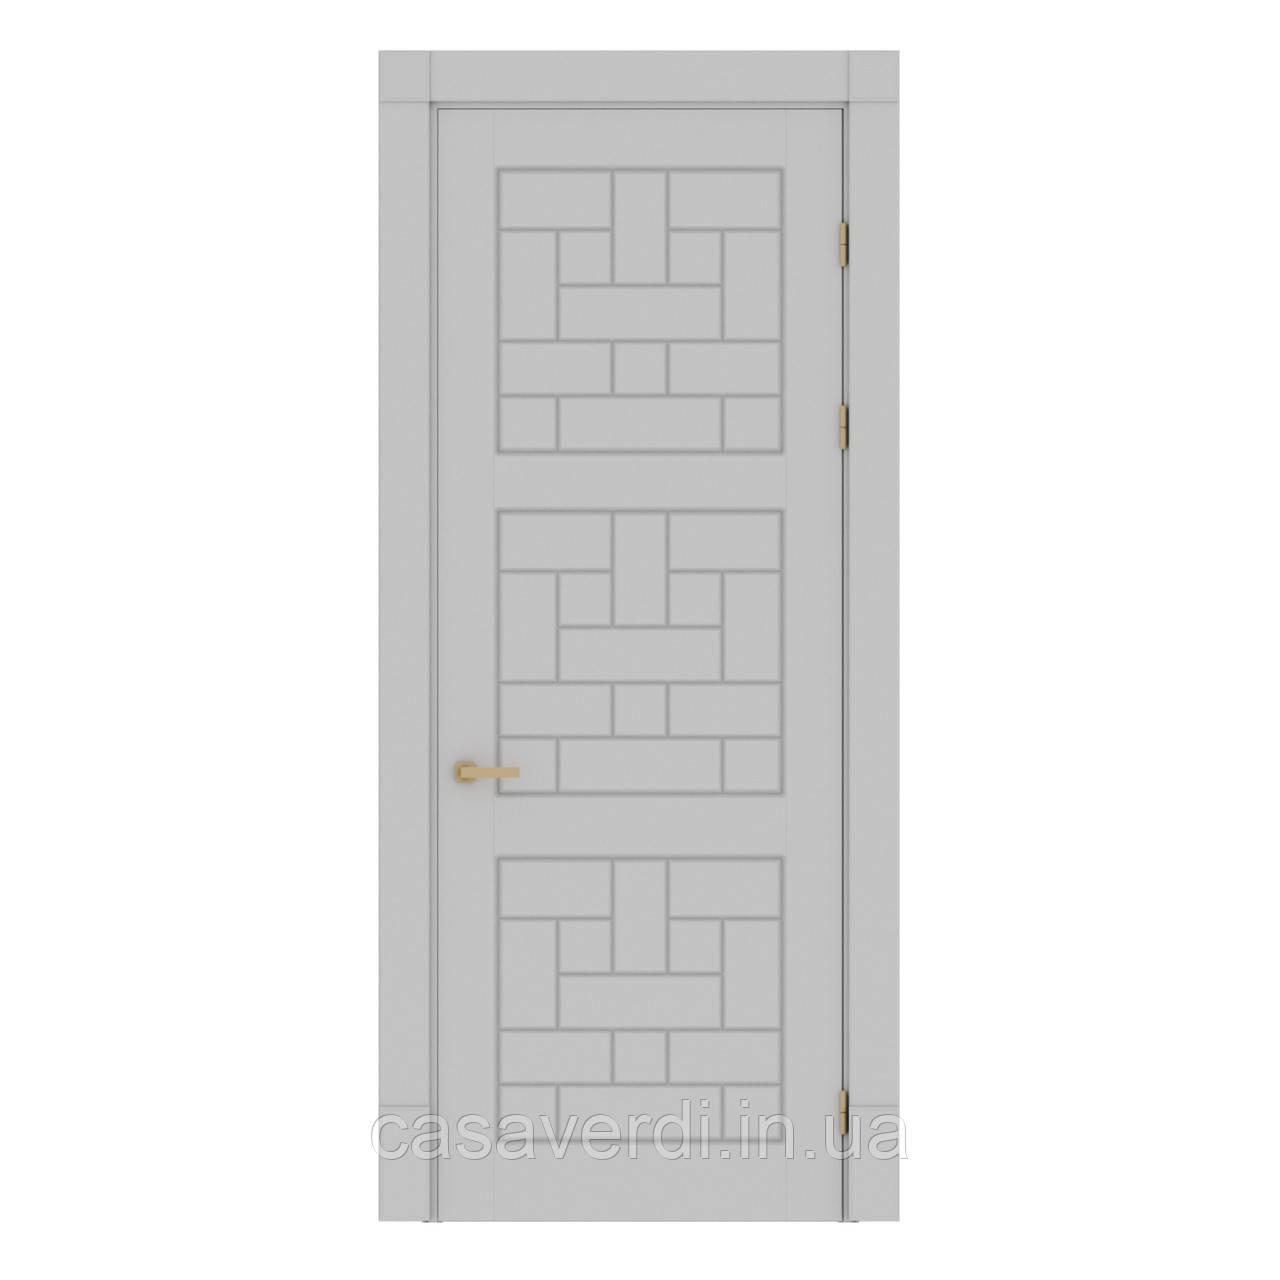 Межкомнатная дверь Casa Verdi Portale 6 МДФ светло-серая